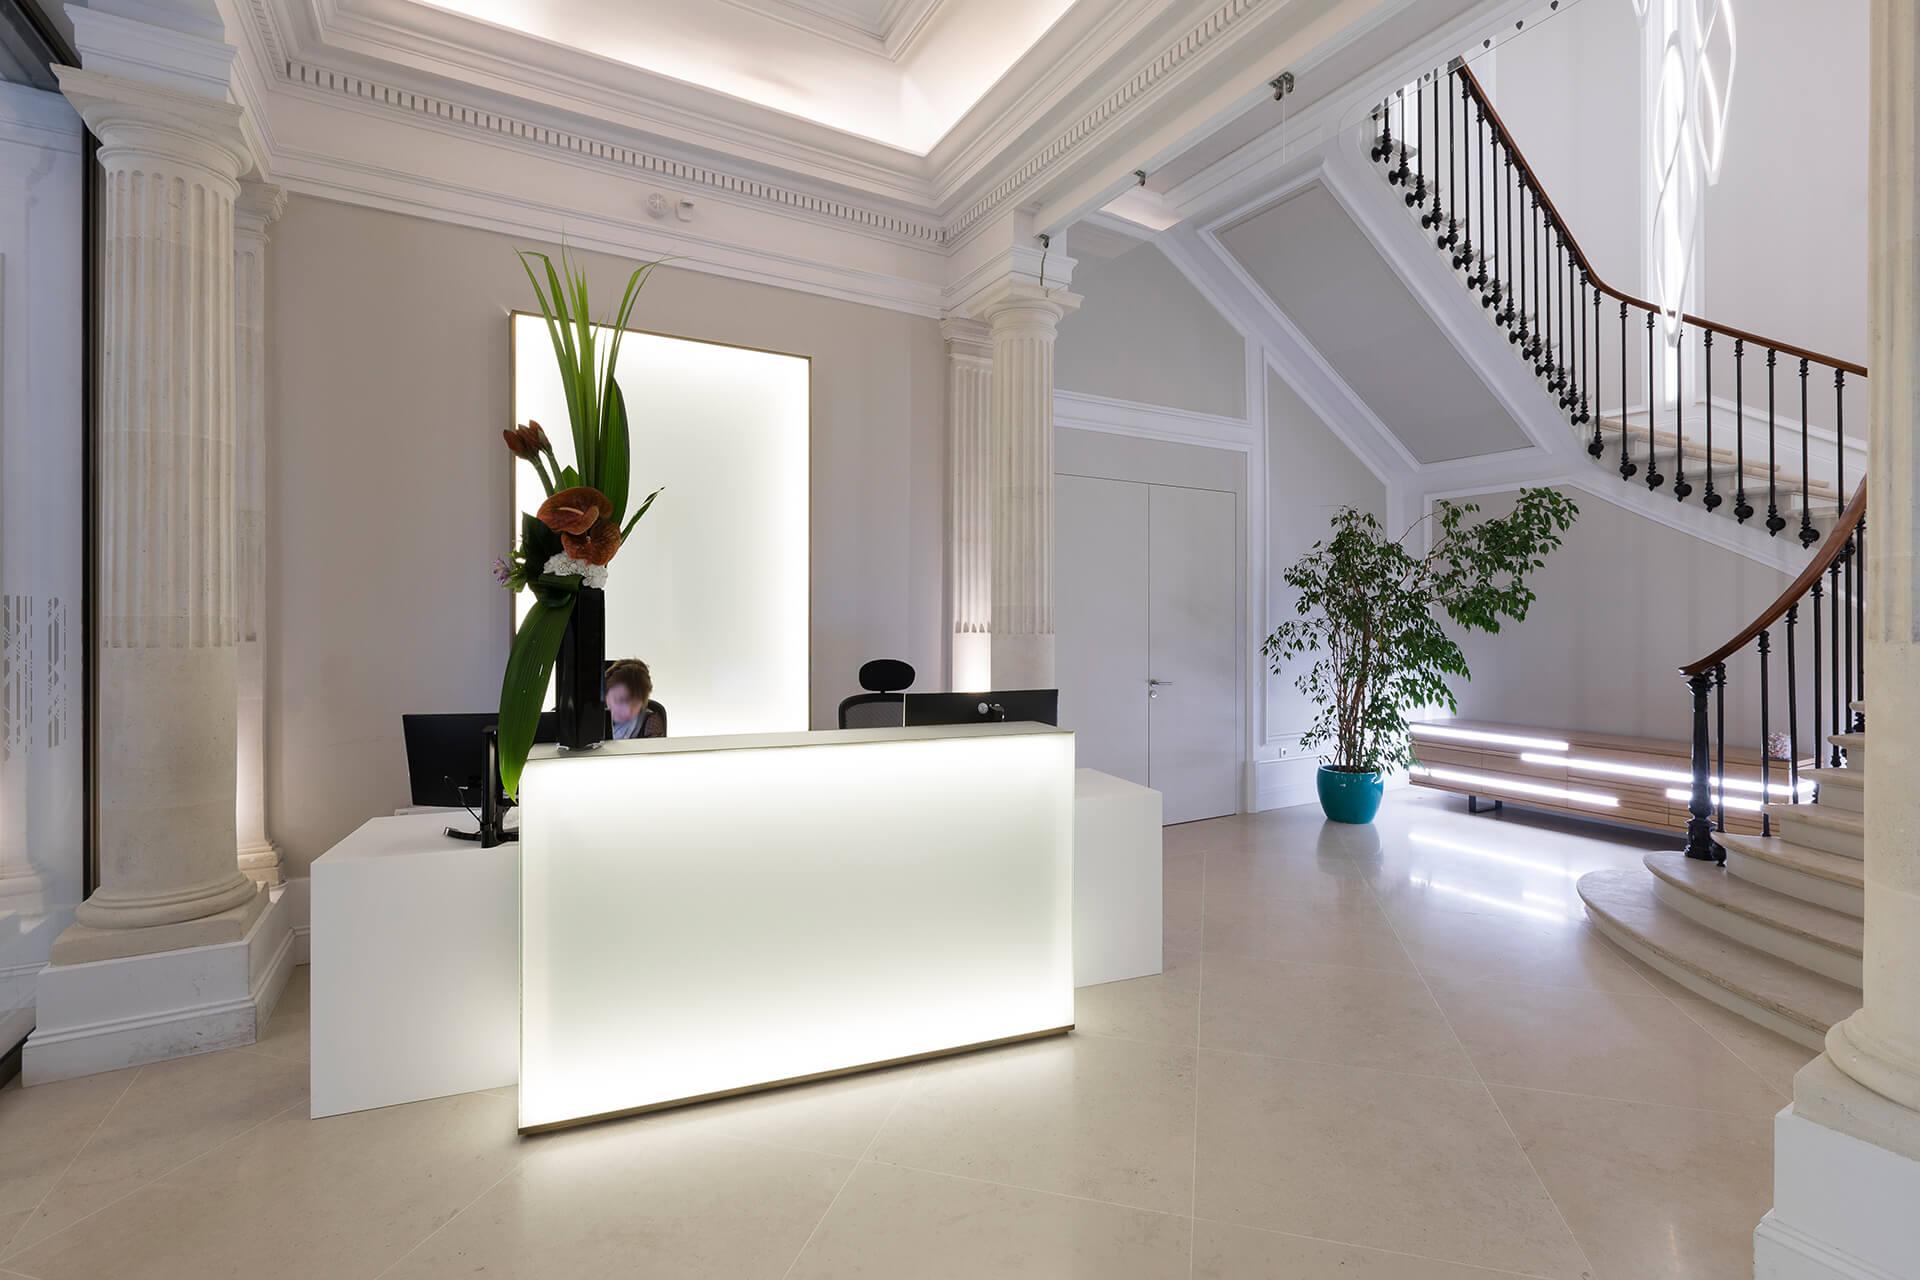 escadaria e receção com vaso e móvel de madeira retroiluminado